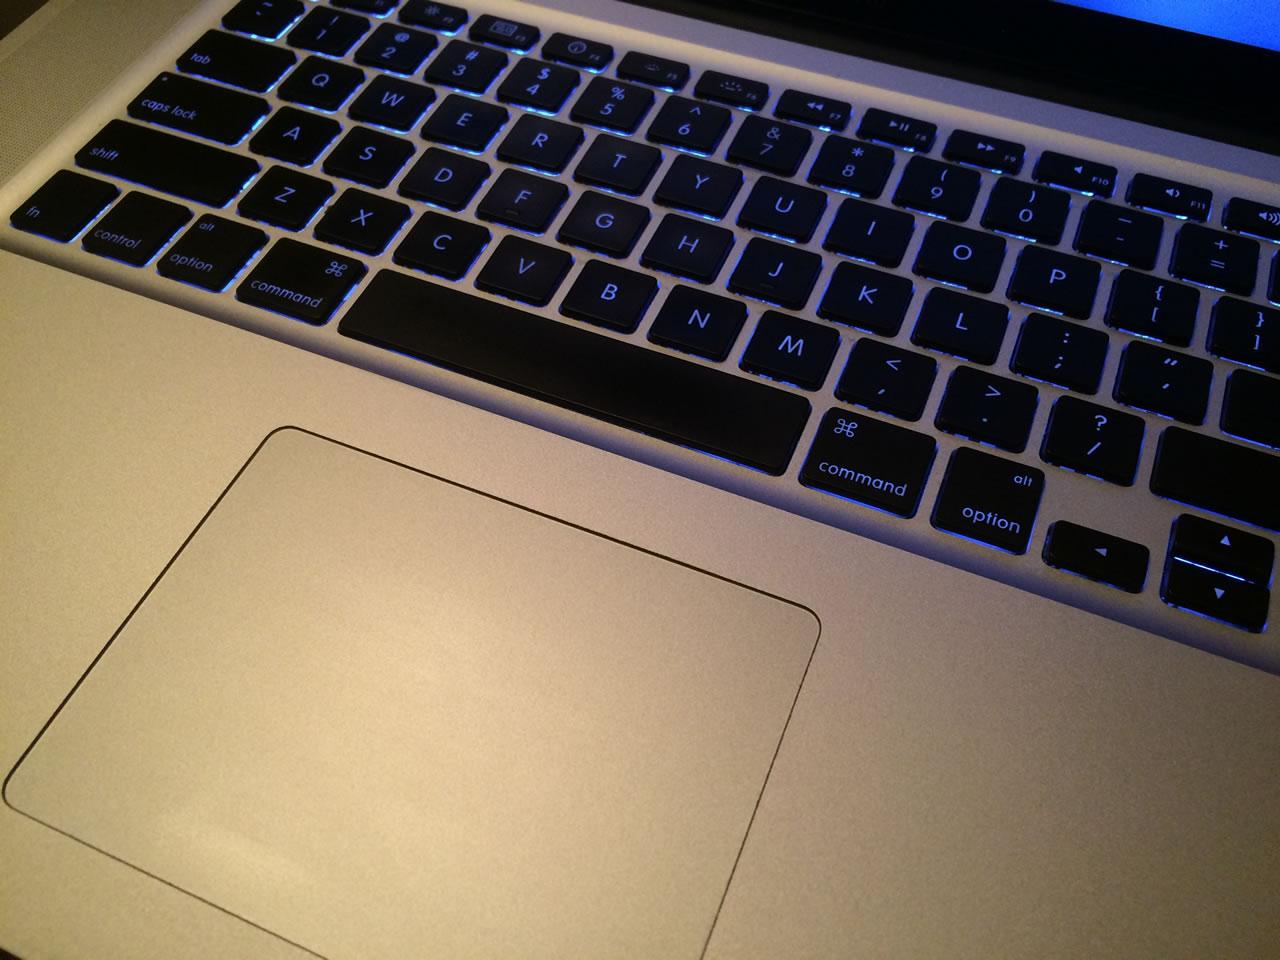 macbook pro 7